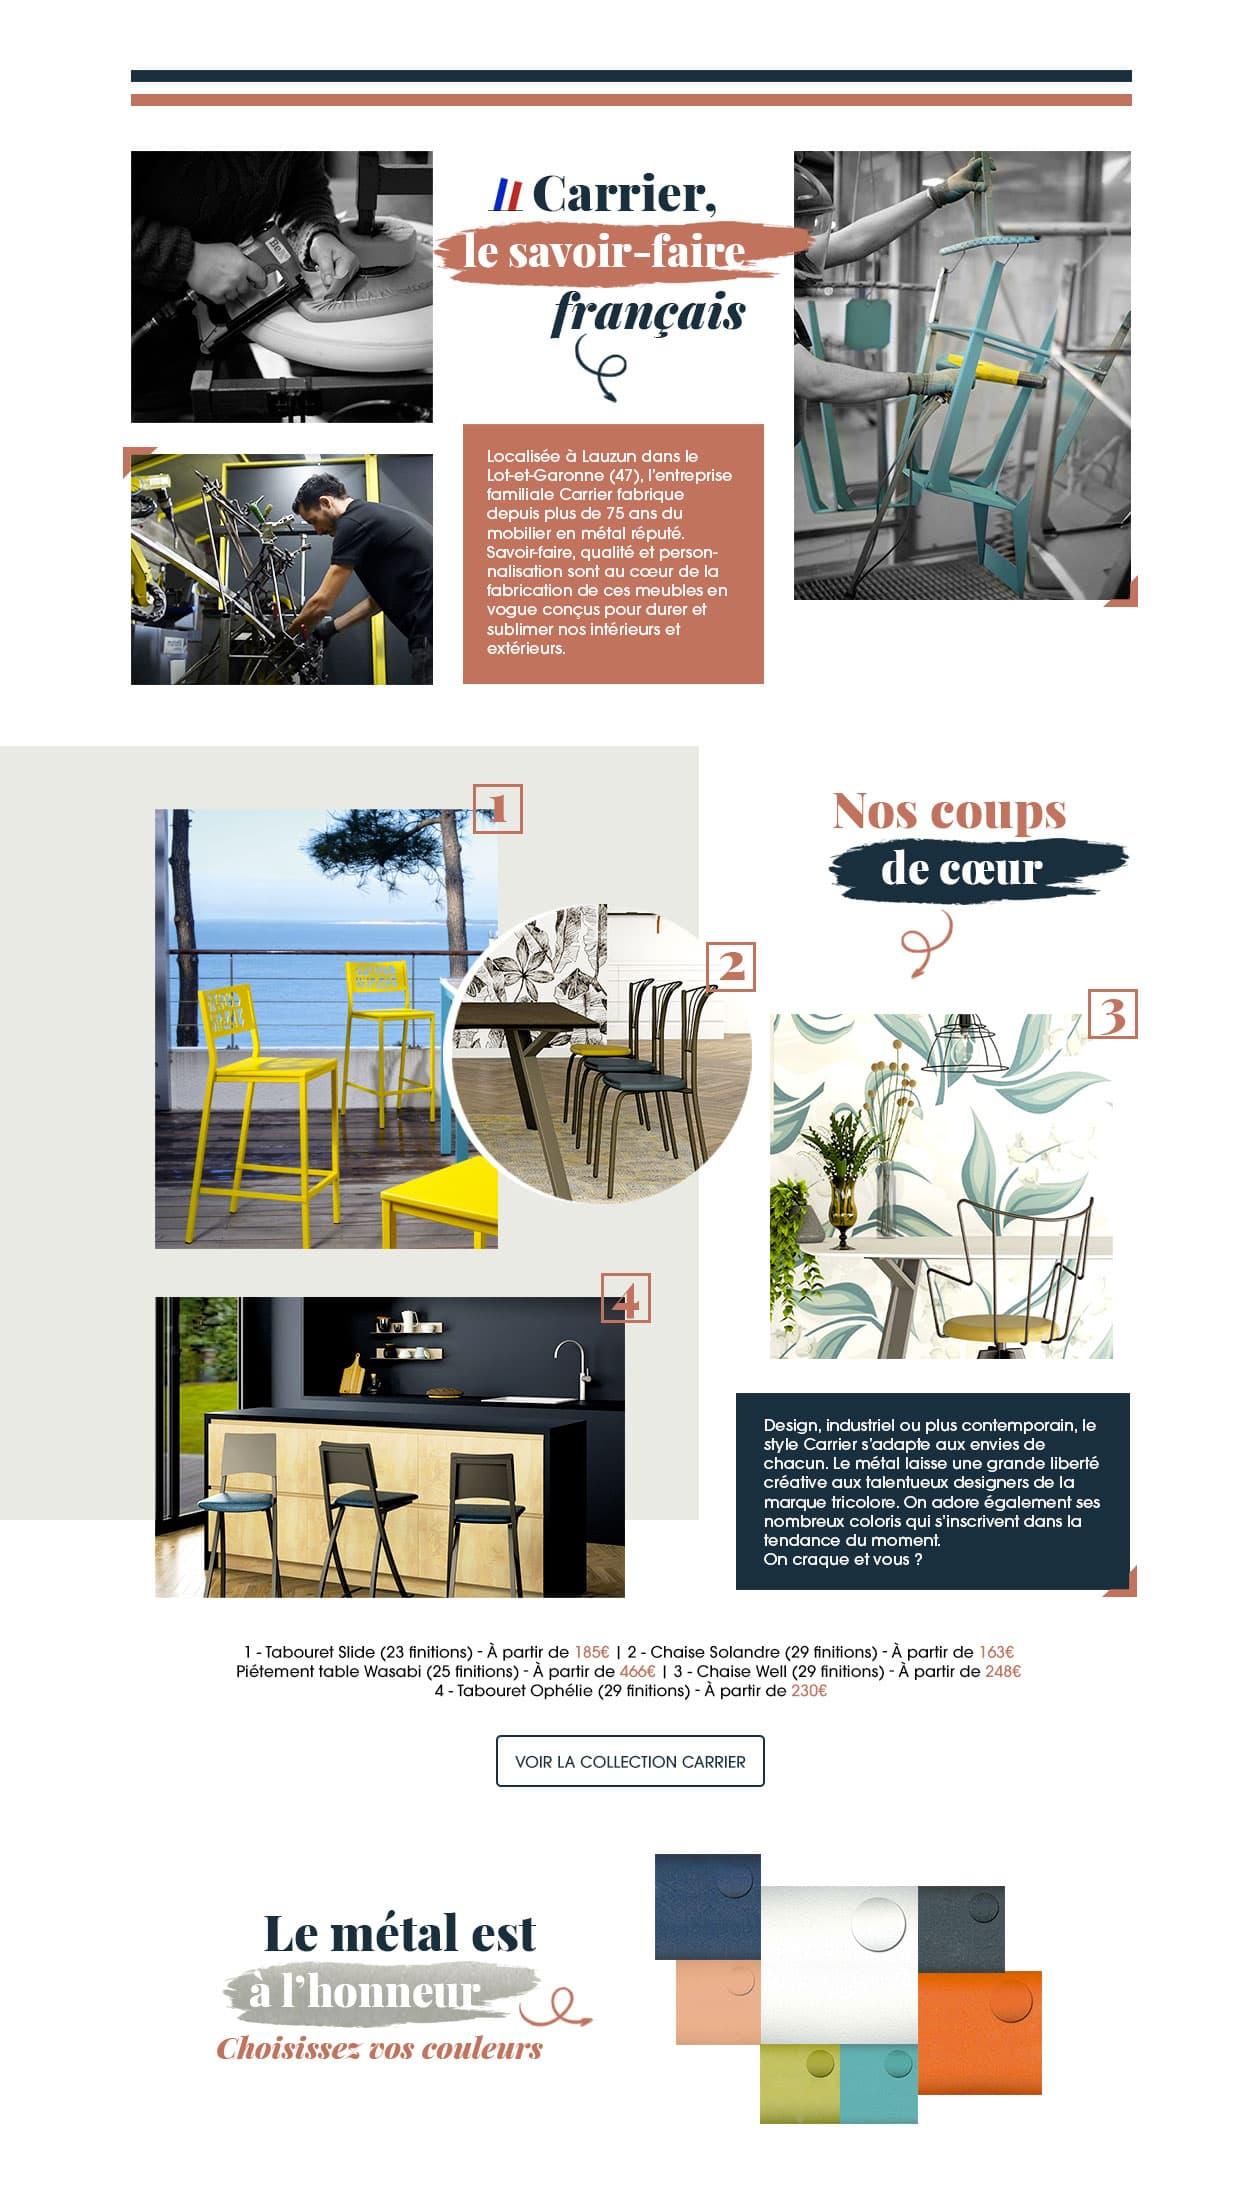 Présentation de notre partenaire Carrier, fabricant de tables, chaises et tabourets en métal made in France depuis plus de 75 ans.